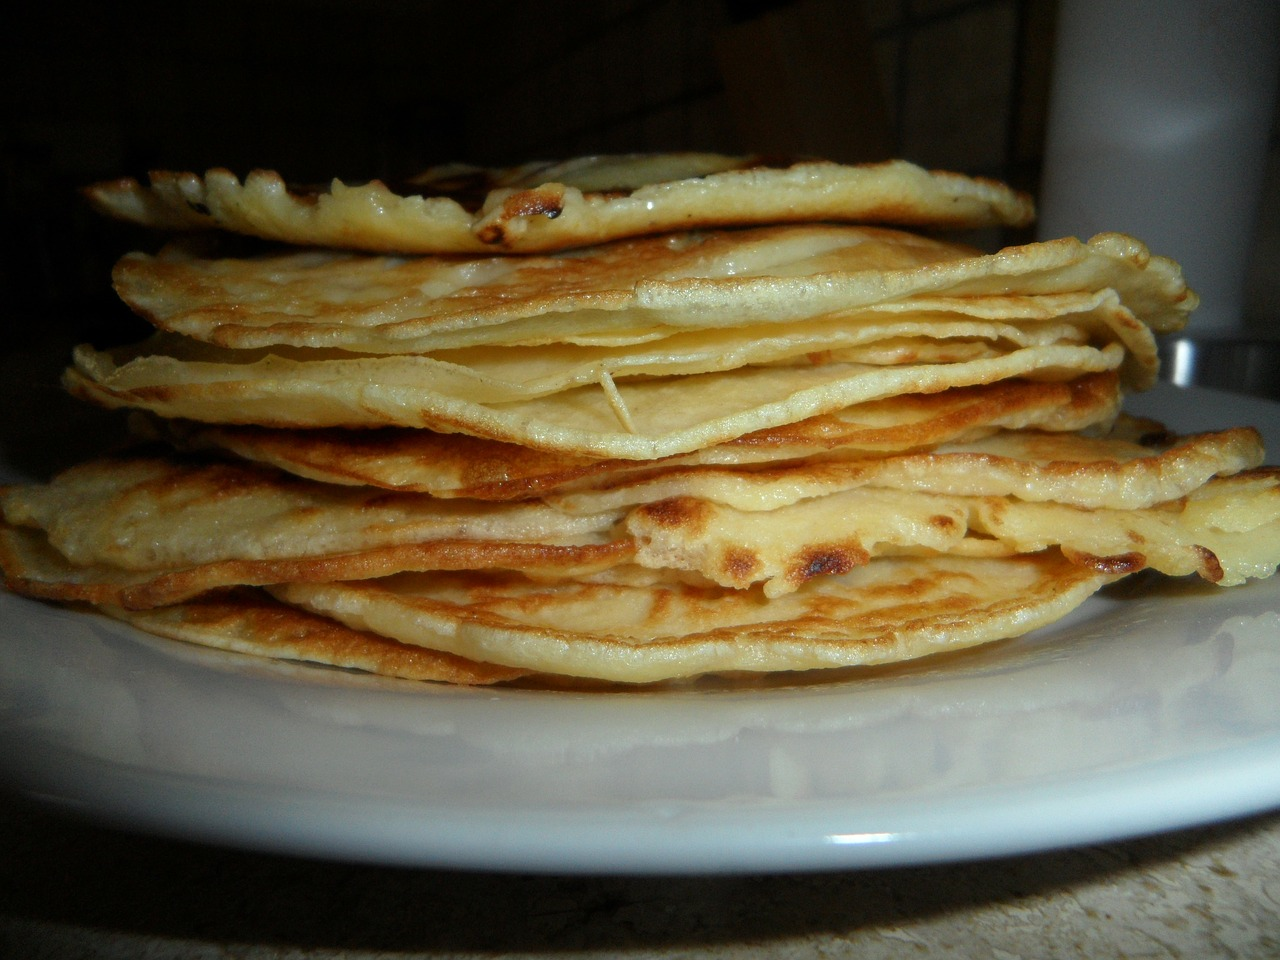 Pancake 138886 1280